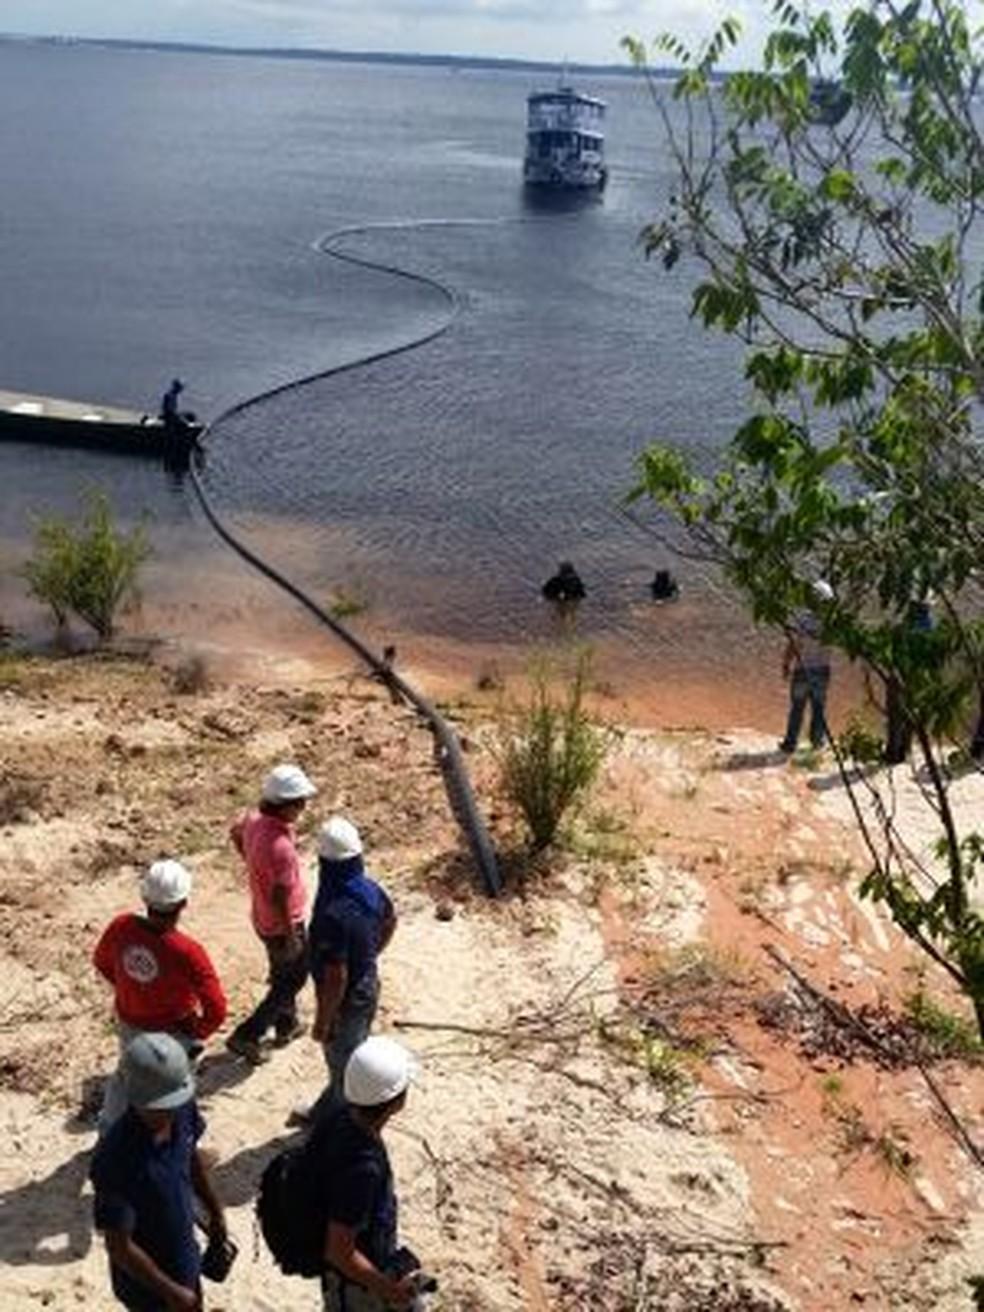 Projeto Amazônia Conectada implanta cabos de fibra ótica a rios da Amazônia para levar internet de alta velocidade à região. — Foto: Divulgação/Amazônia Conectada/Exército Brasileiro